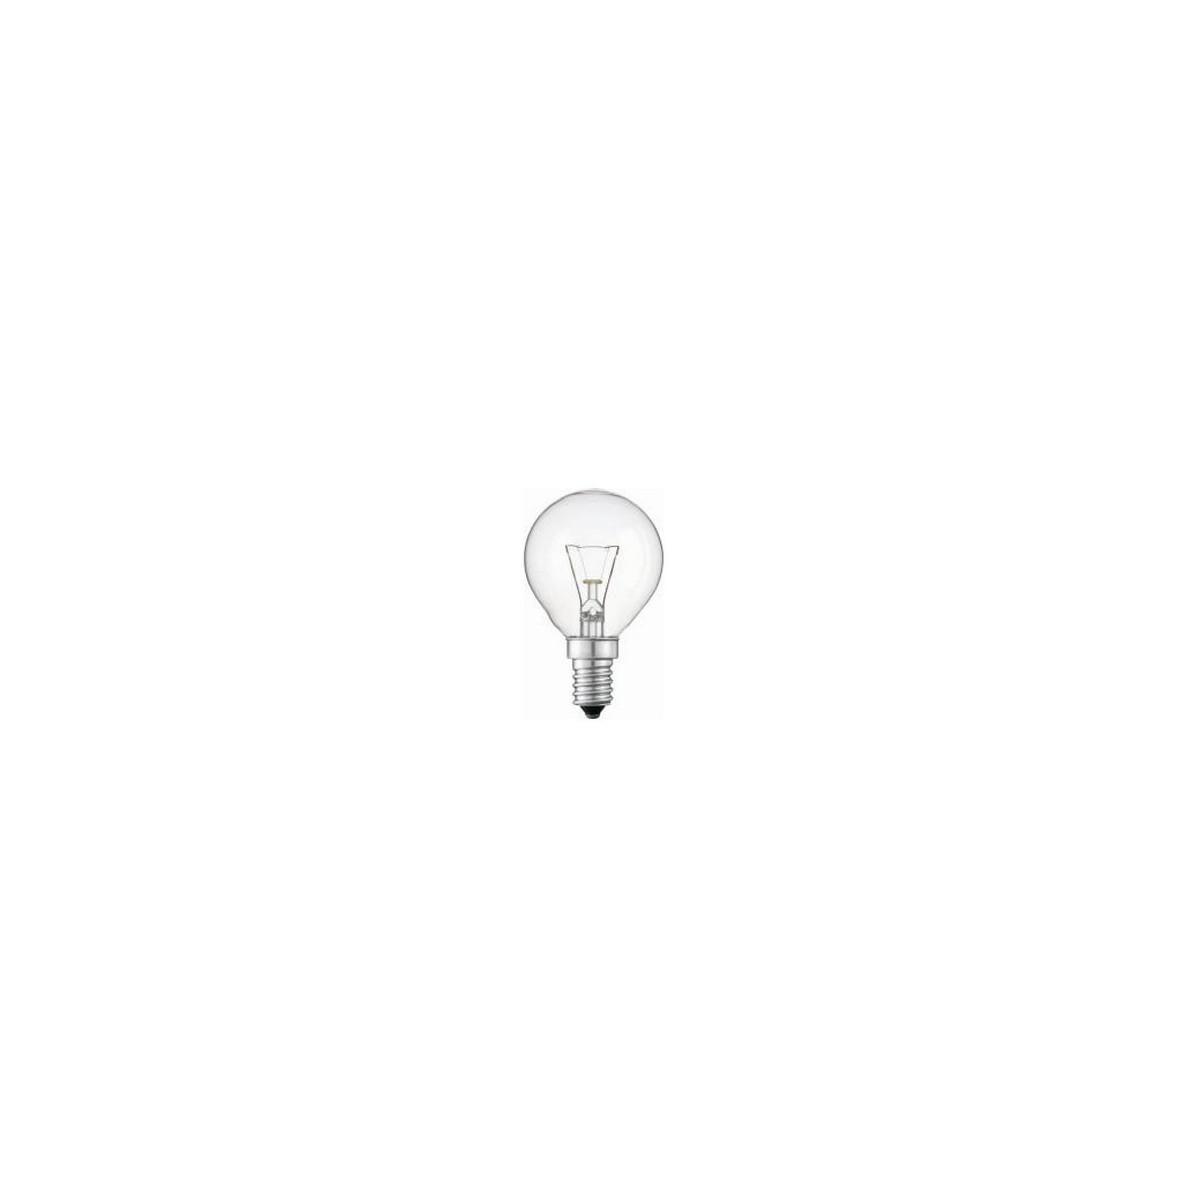 Lampada trasparente attacco E14 25w